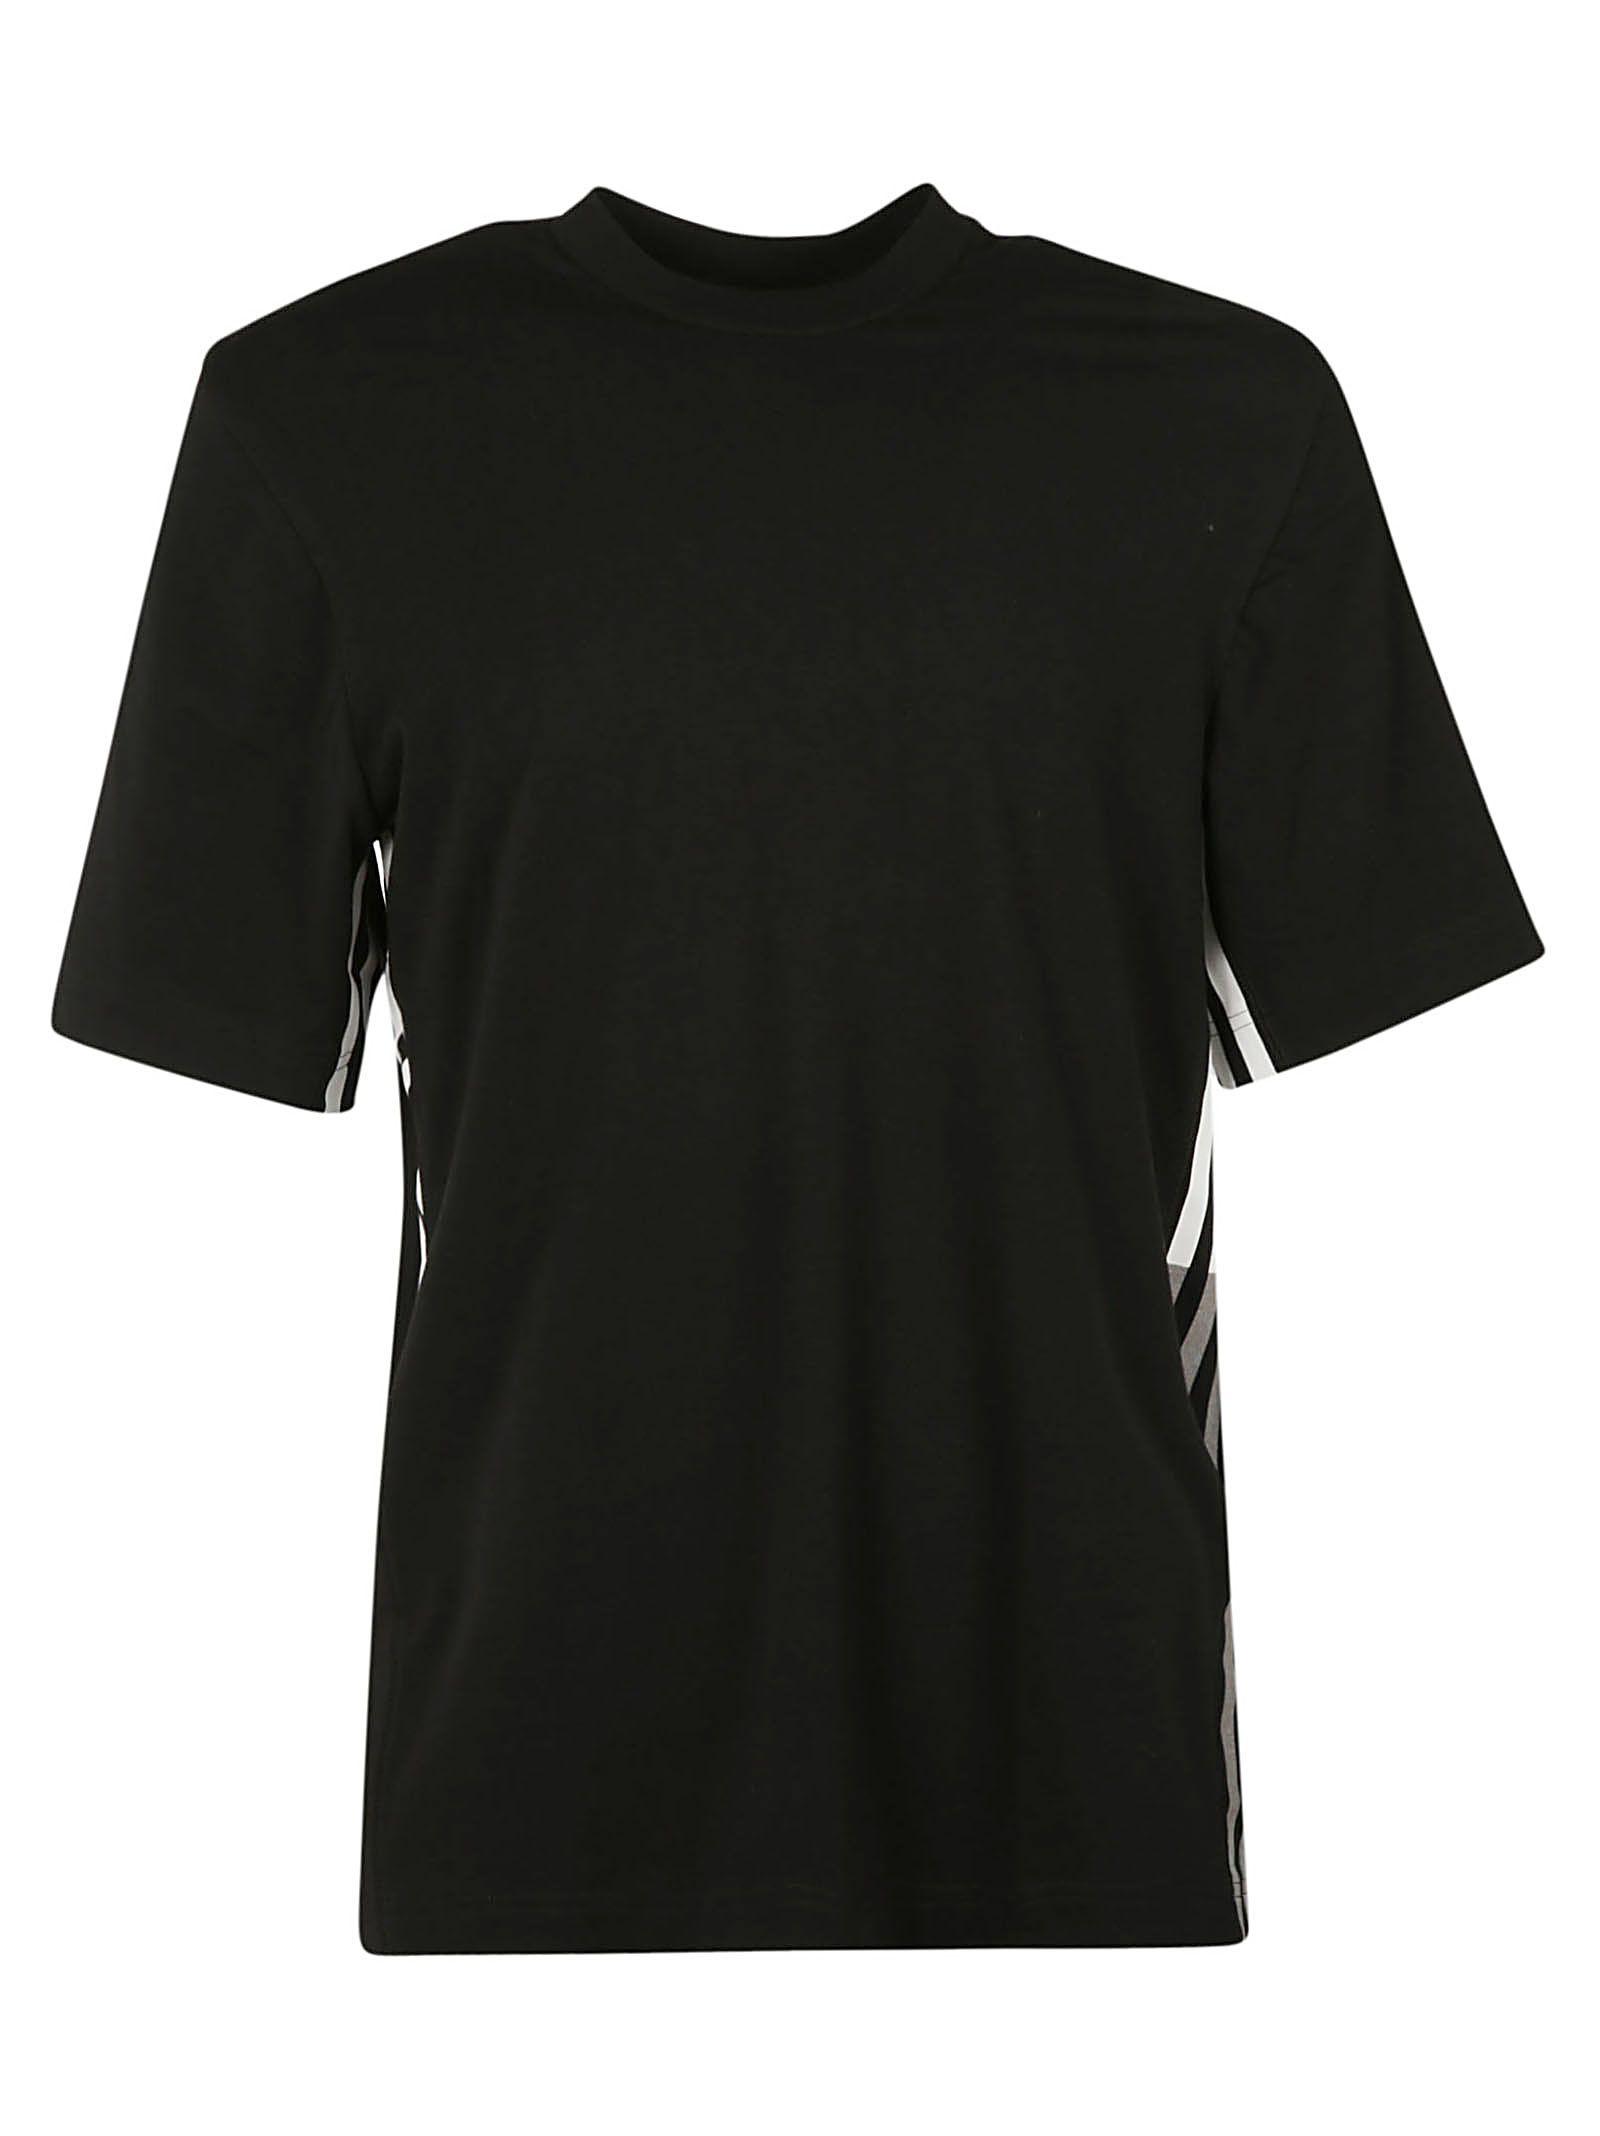 Adidas Y-3 Striped T-shirt